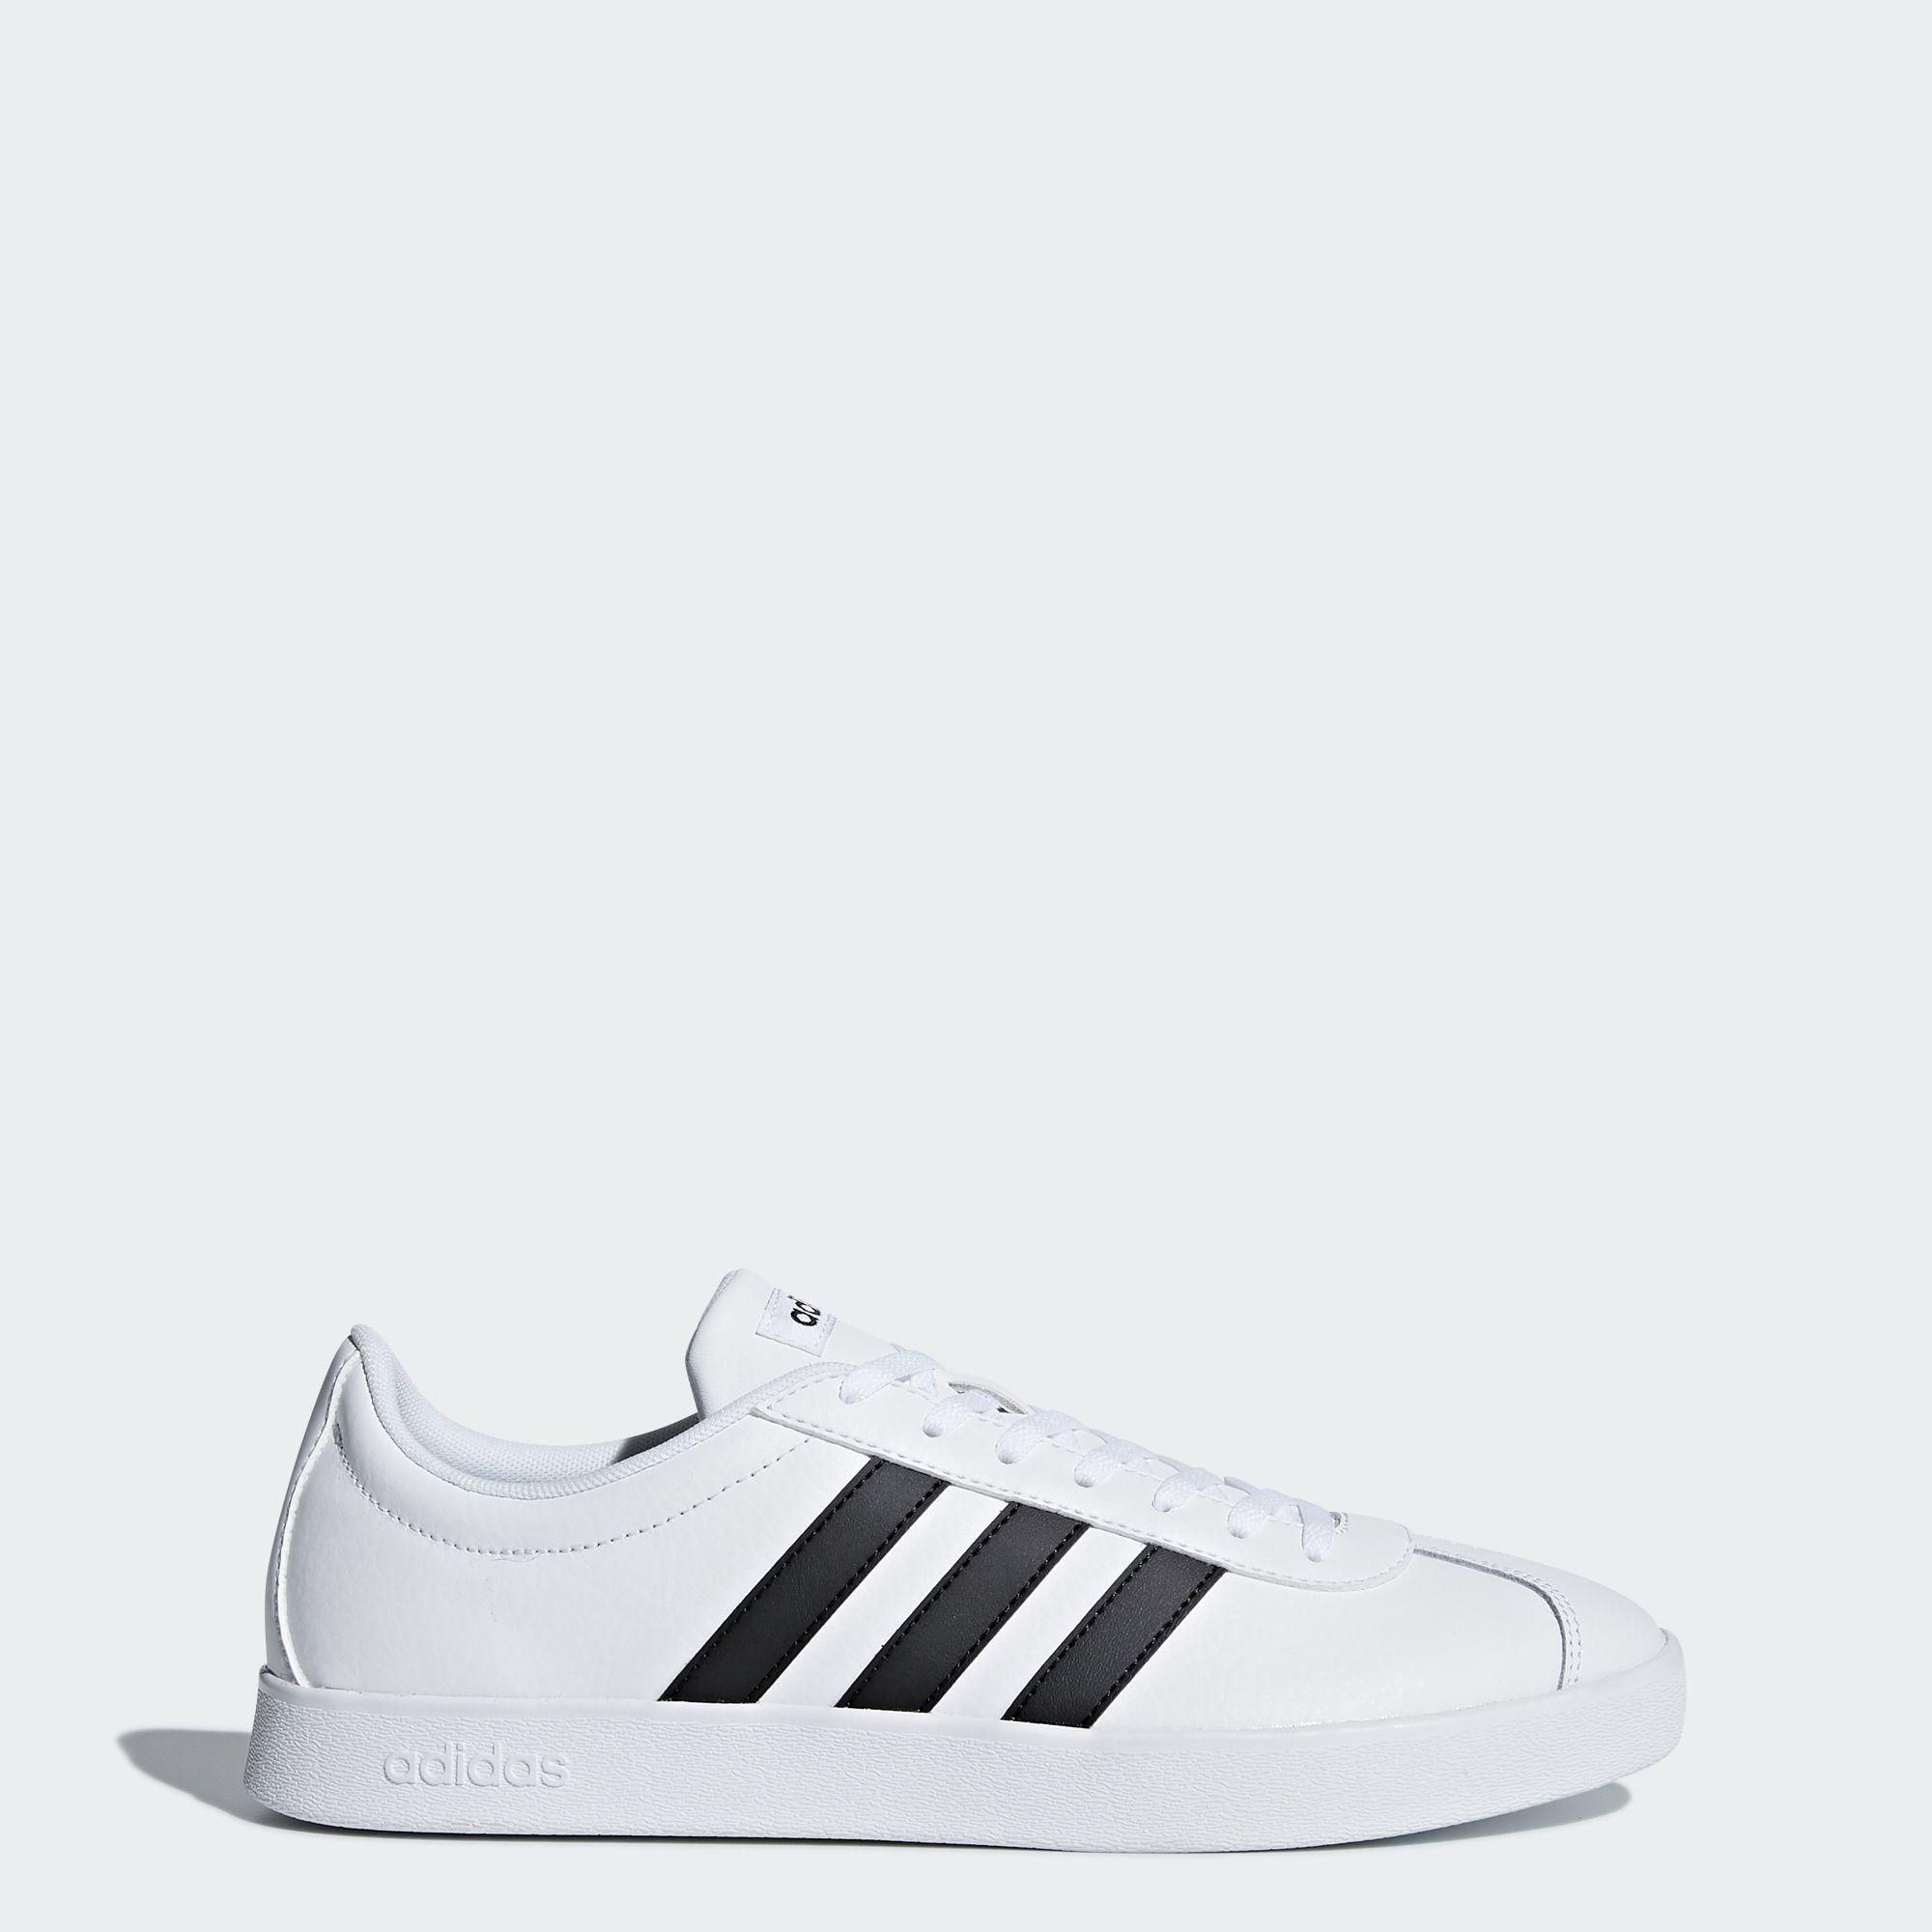 Adidas SKATEBOARDING Giày VL Court 2.0 Nam Màu Trắng DA9868 Giá Quá Tốt Phải Mua Ngay